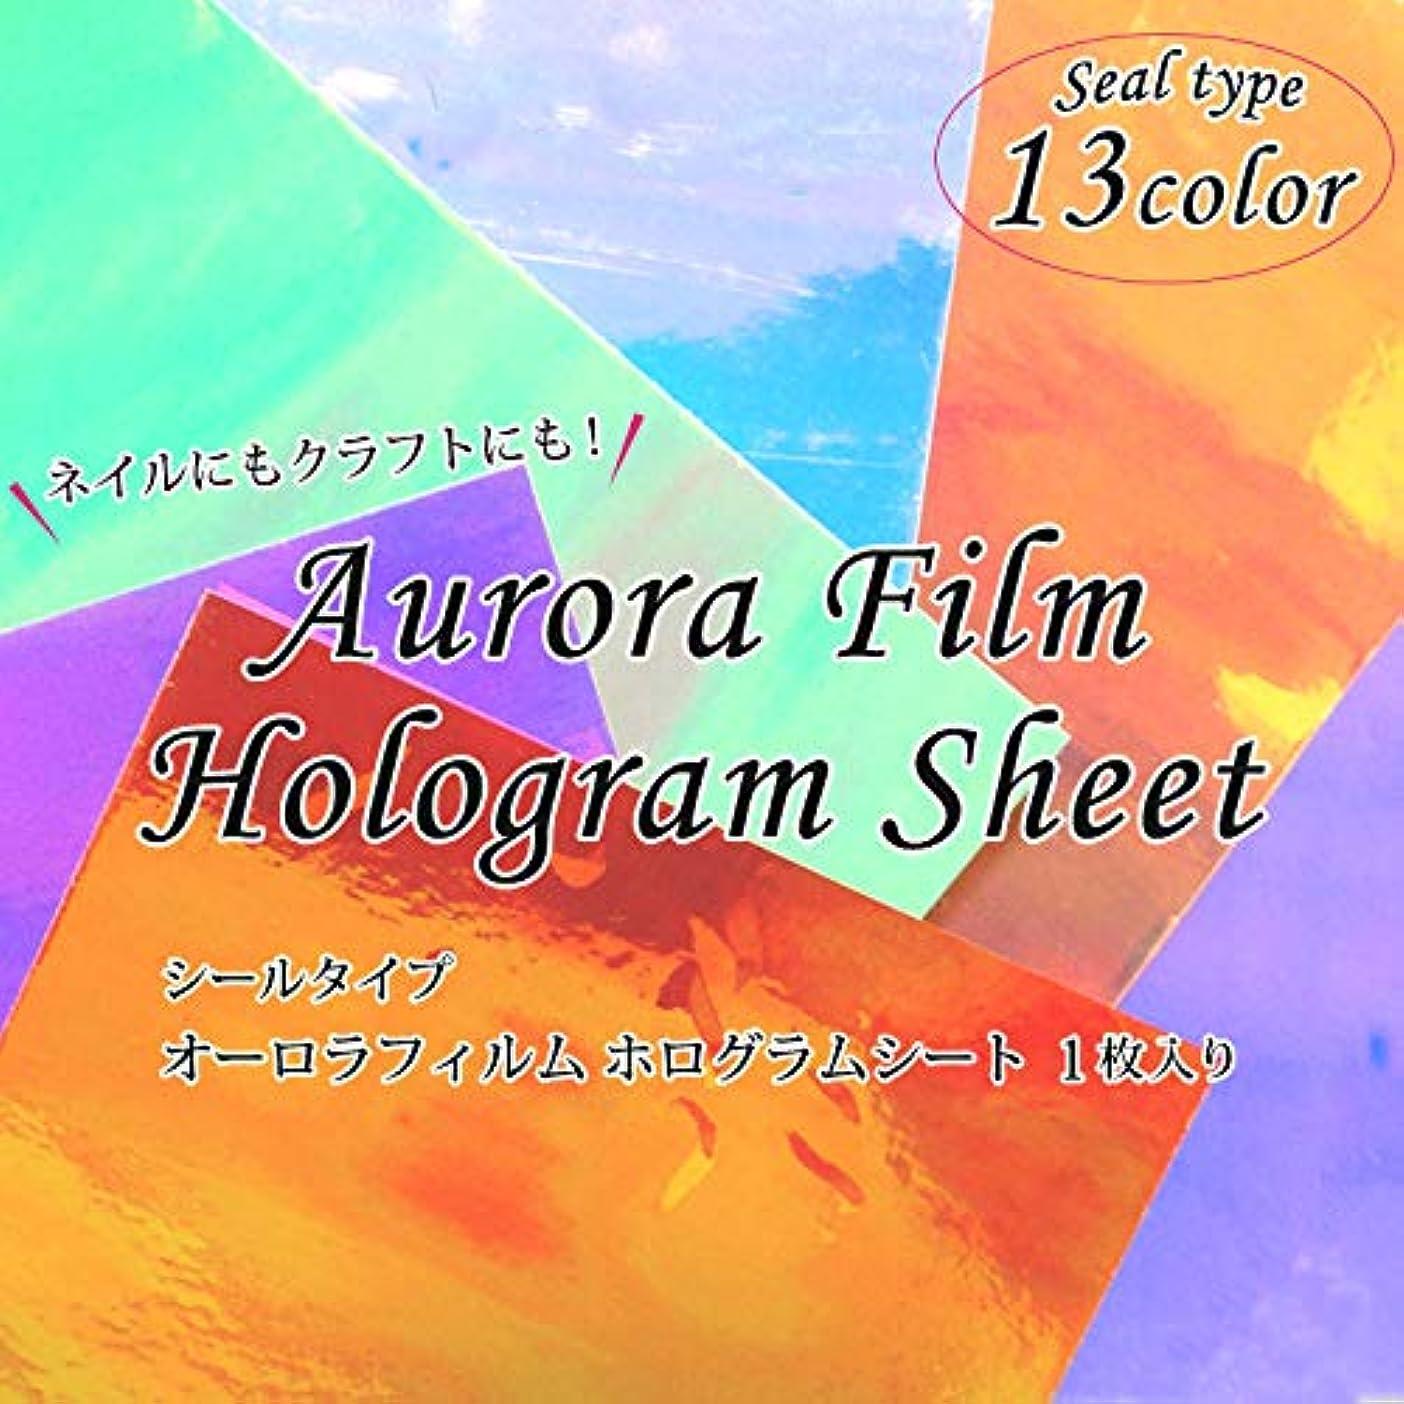 排除する壊滅的なエクステントシールタイプ オーロラフィルム ホログラムシート 1枚入り (2.シール ブルー)